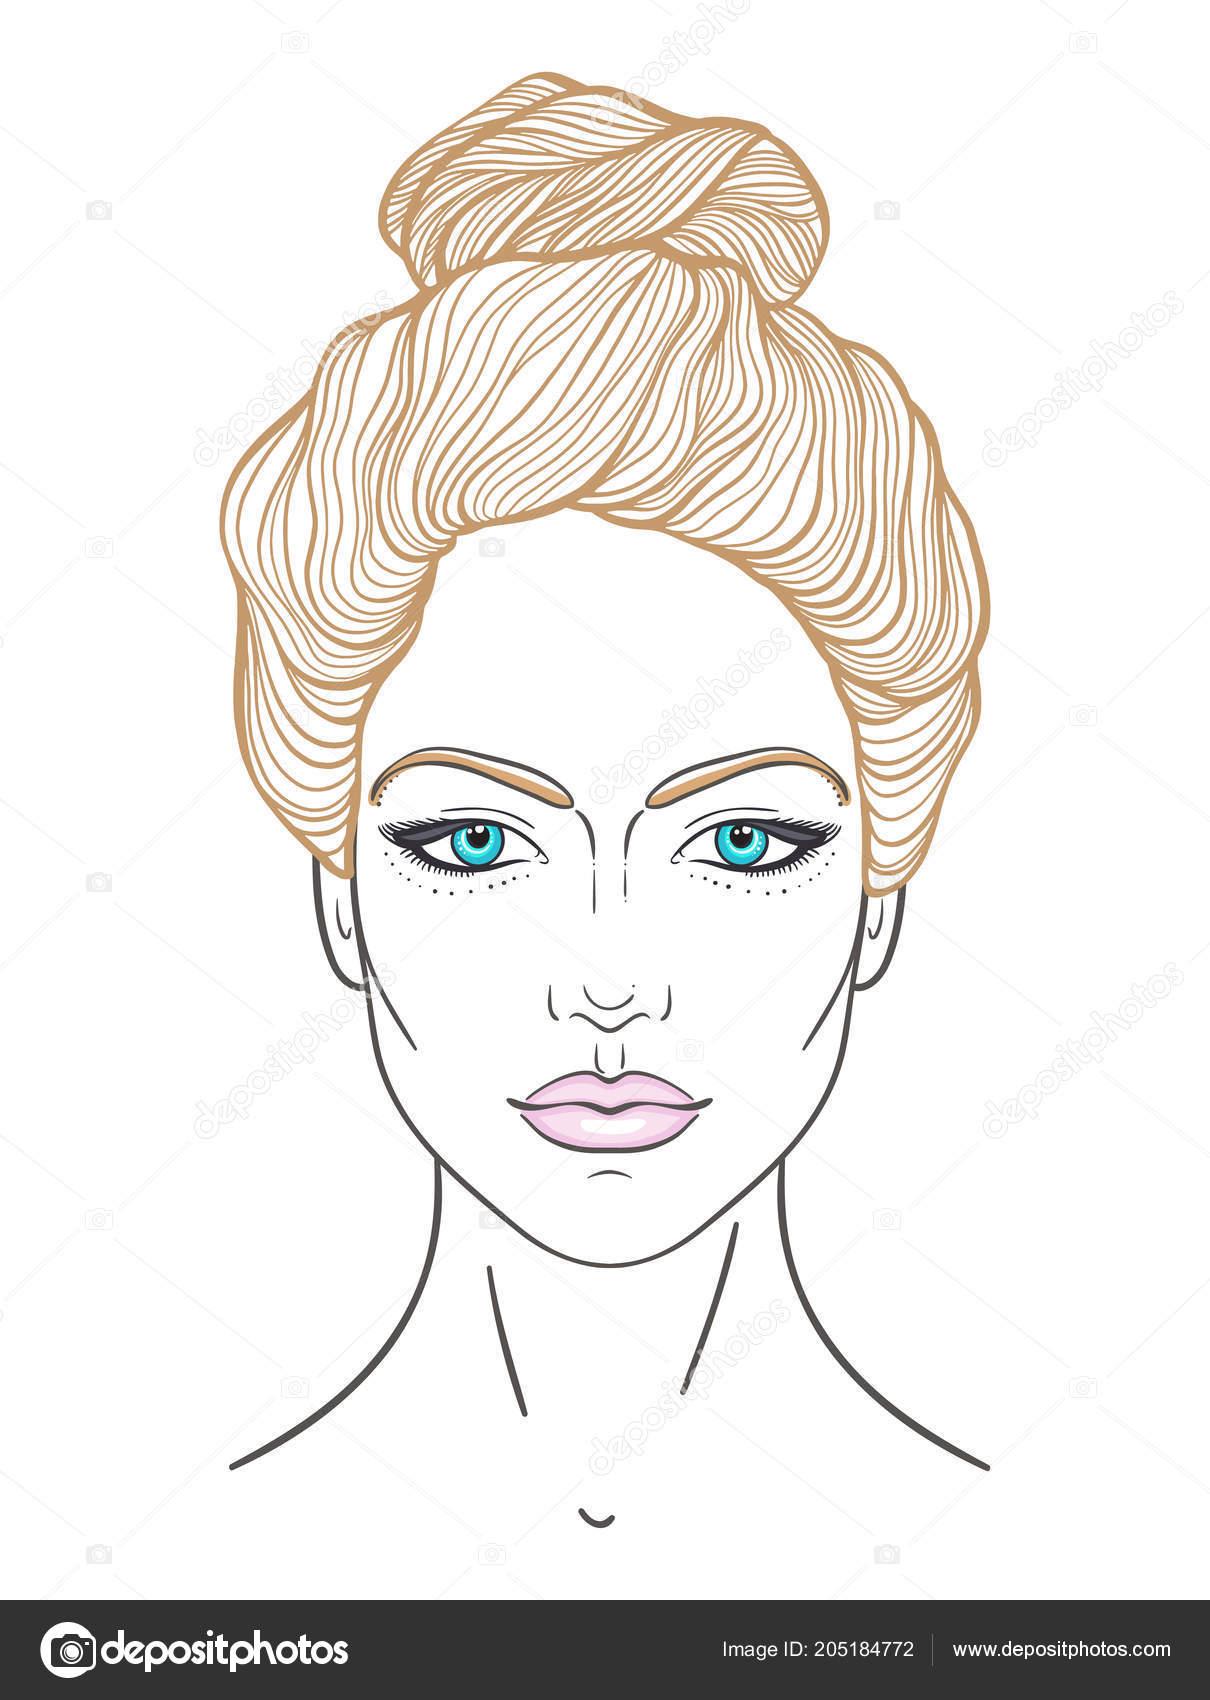 de líneas elaborado estilizada Retrato hacer chica mujer peinado la de neutral de nudo en Cara con la hasta superior de y expresión mano hermosa xwRTC1nqU